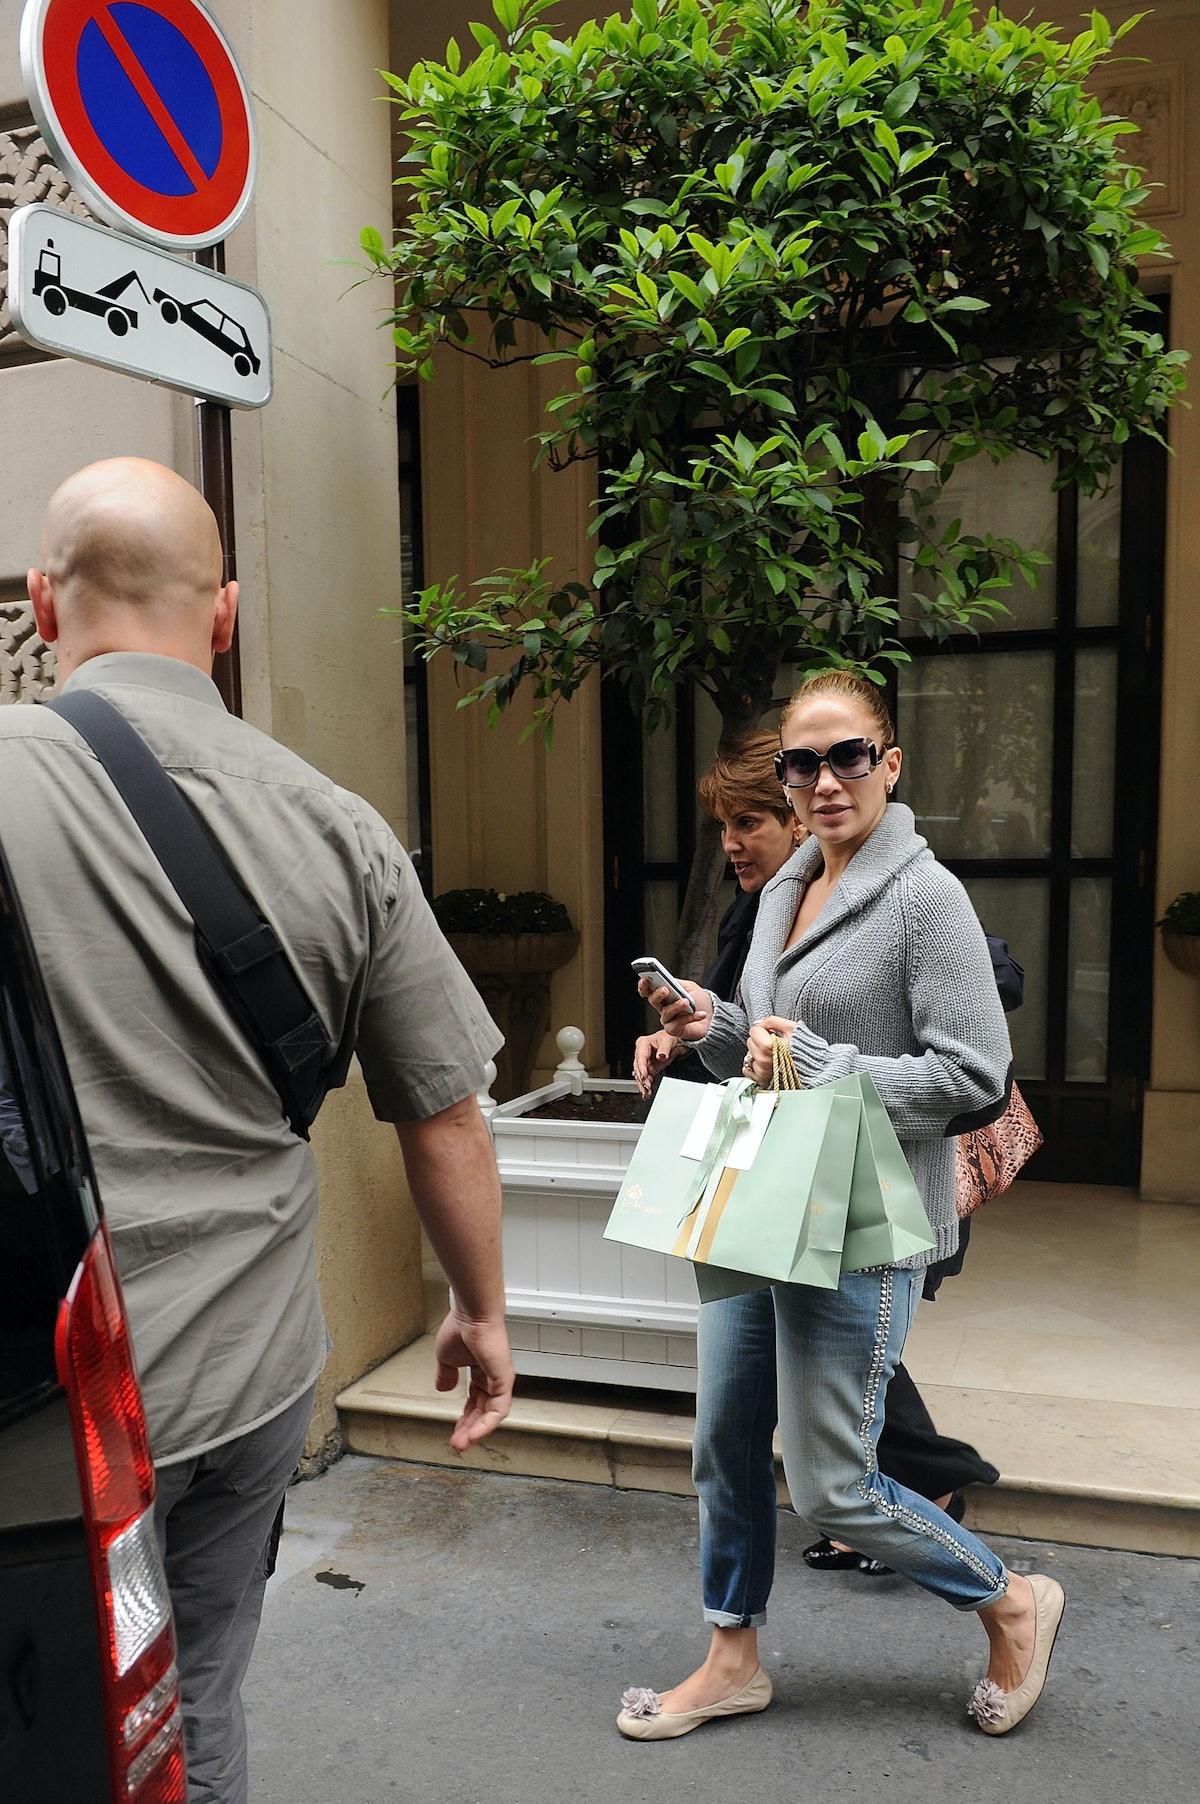 Celebrity Sightings In Paris - June 17, 2011